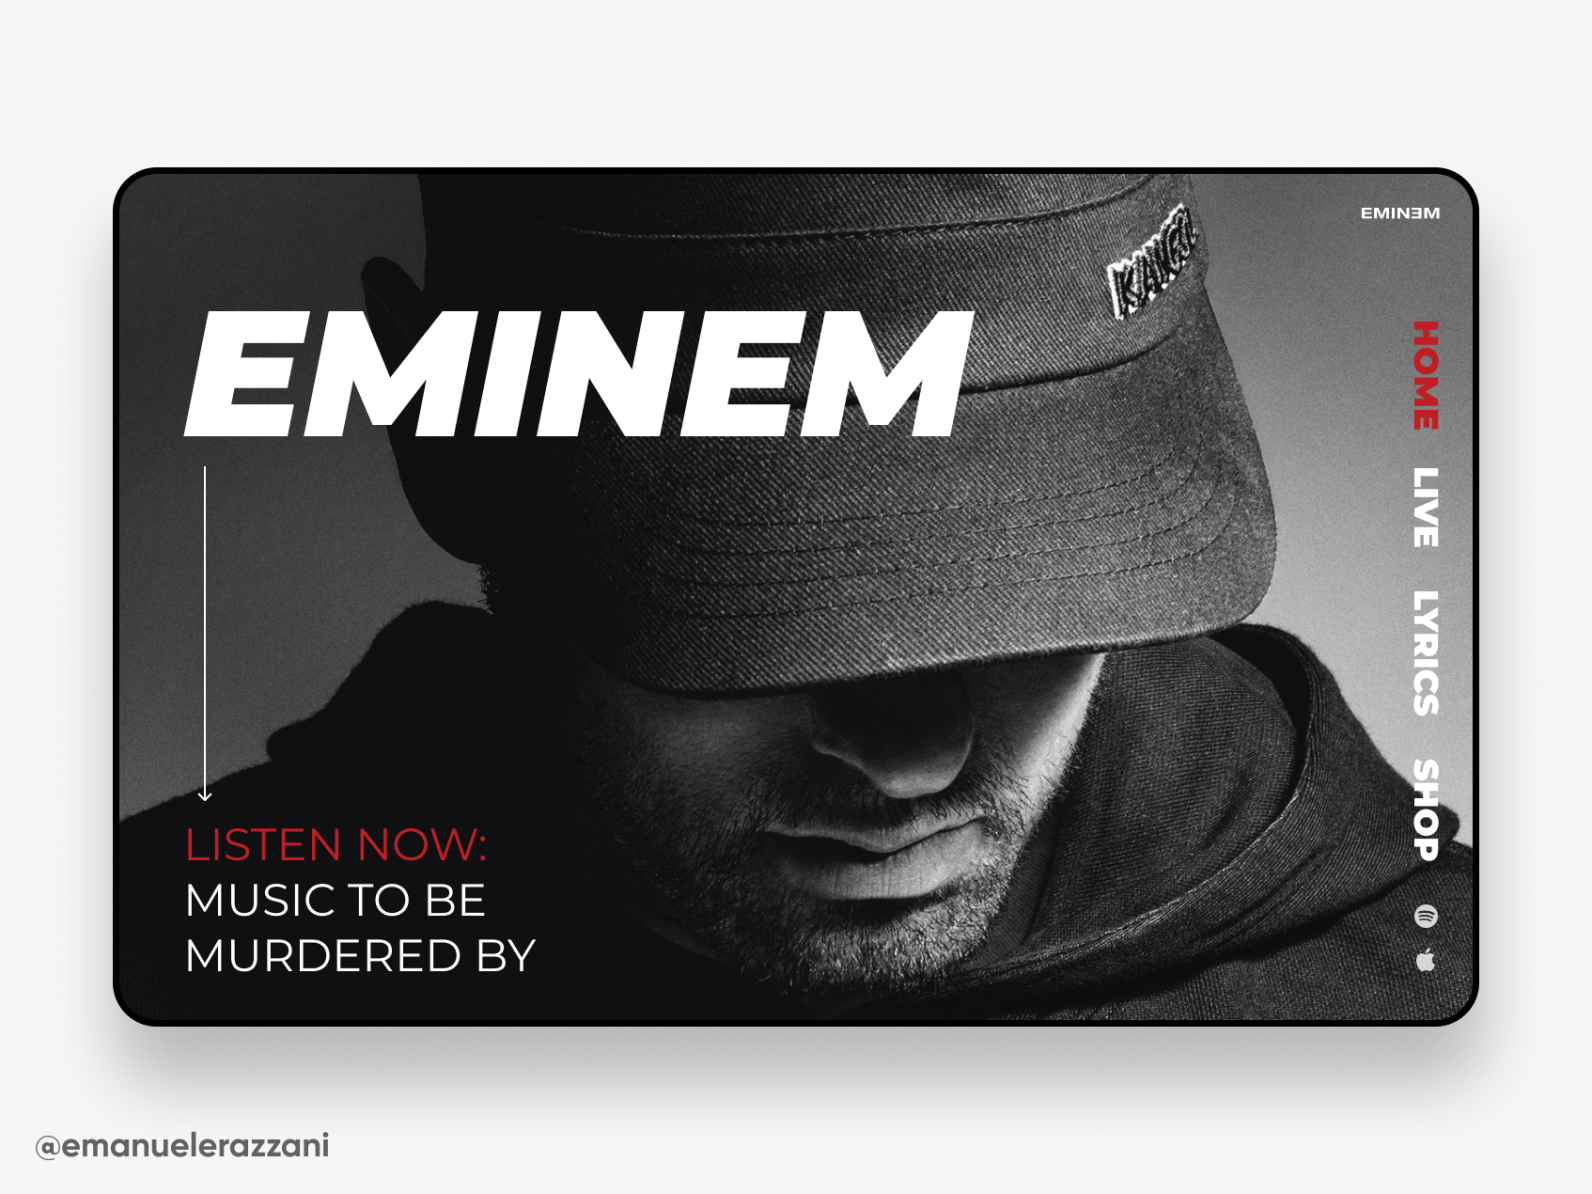 Eminem Site Concept Eminem Web Design Inspiration Concept